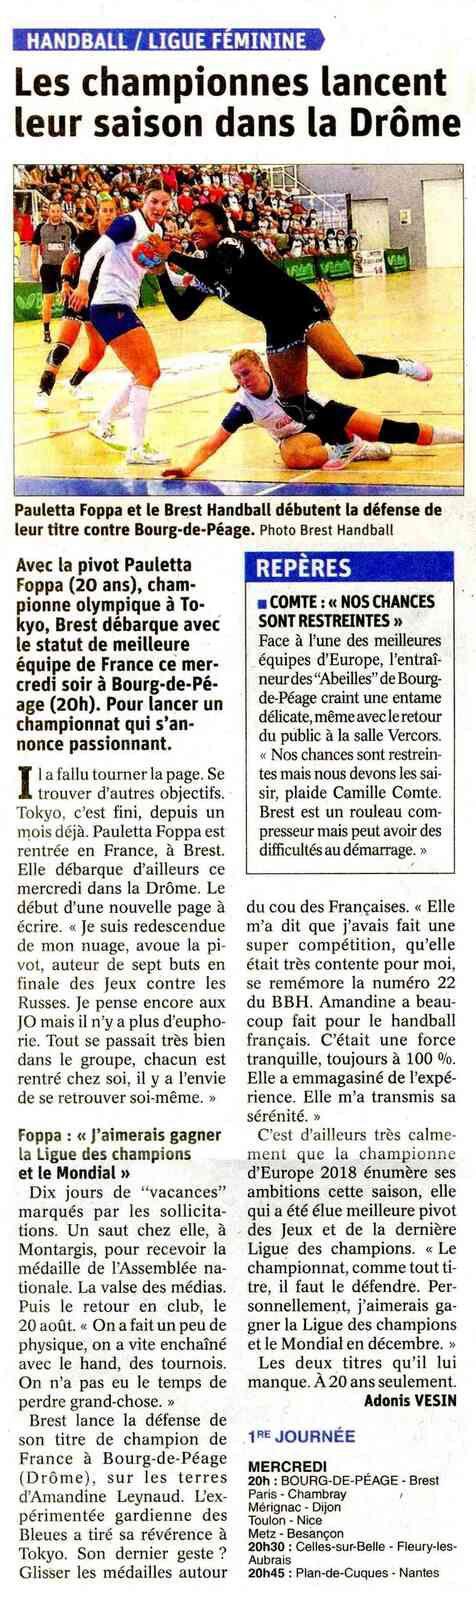 Les championnes lancent leur saison dans la Drôme, l'article de Adonis VESIN